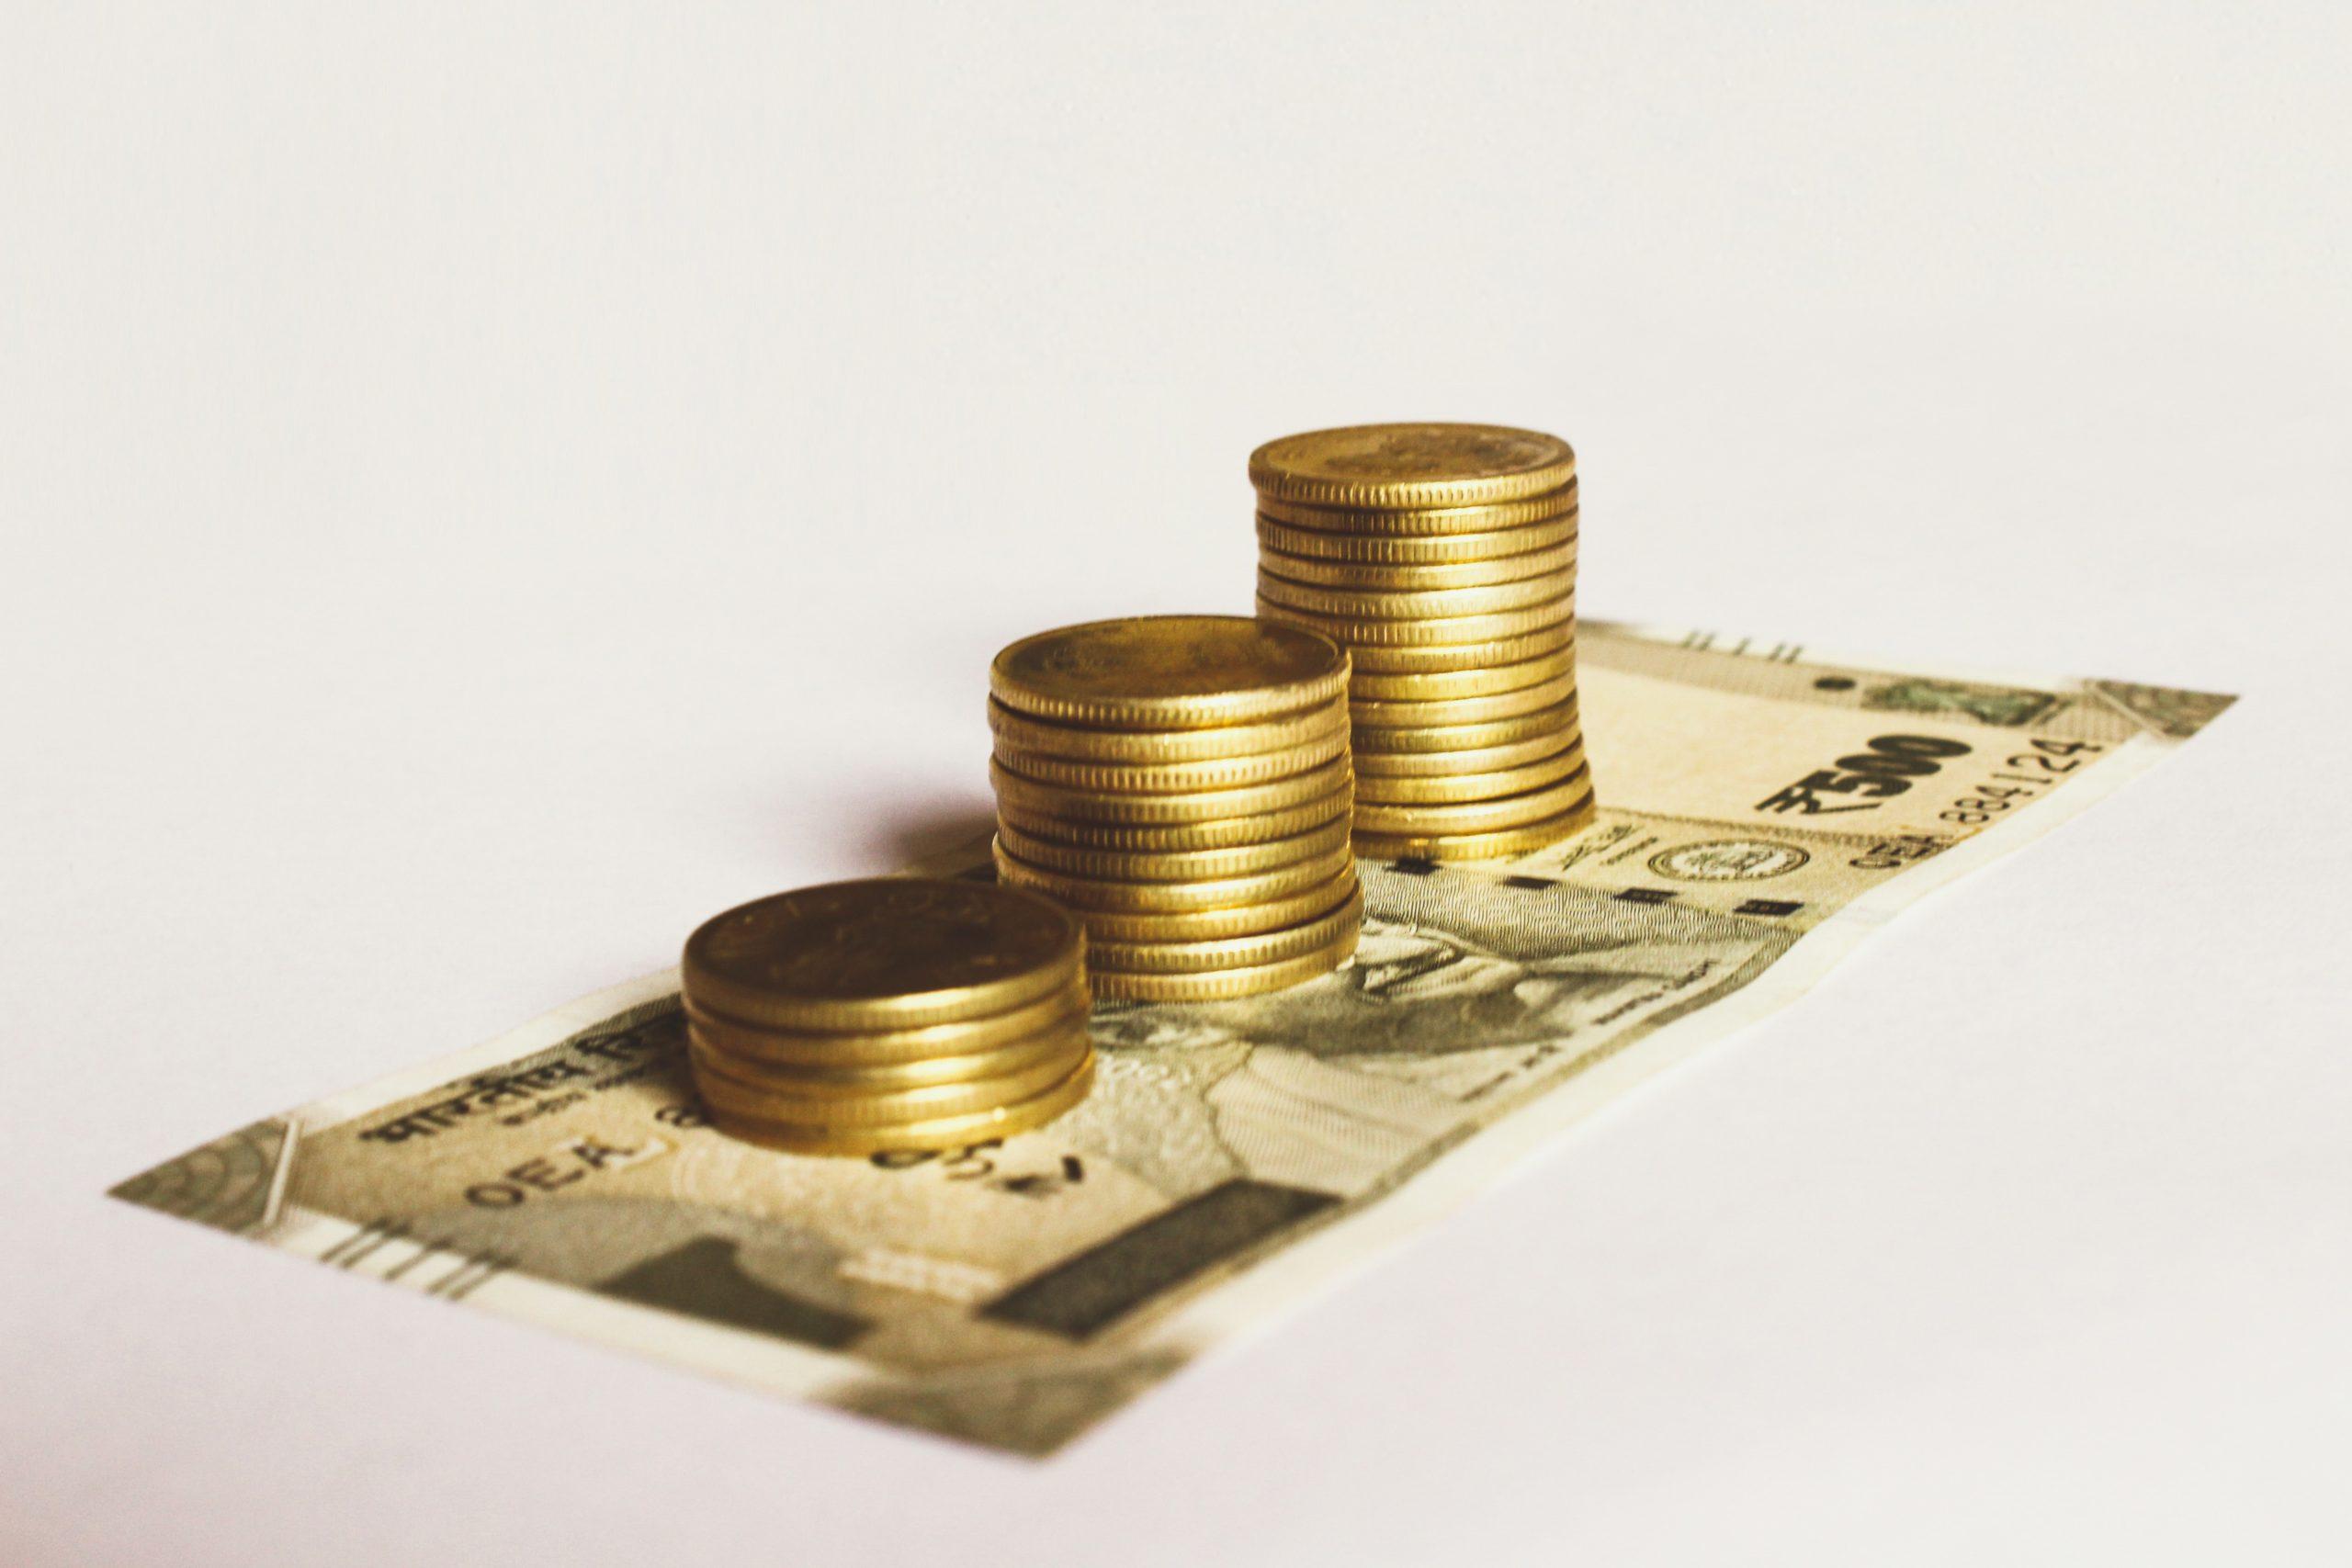 積み立てた投信の売り時はいつ?積立て資金を売却する3つのタイミング